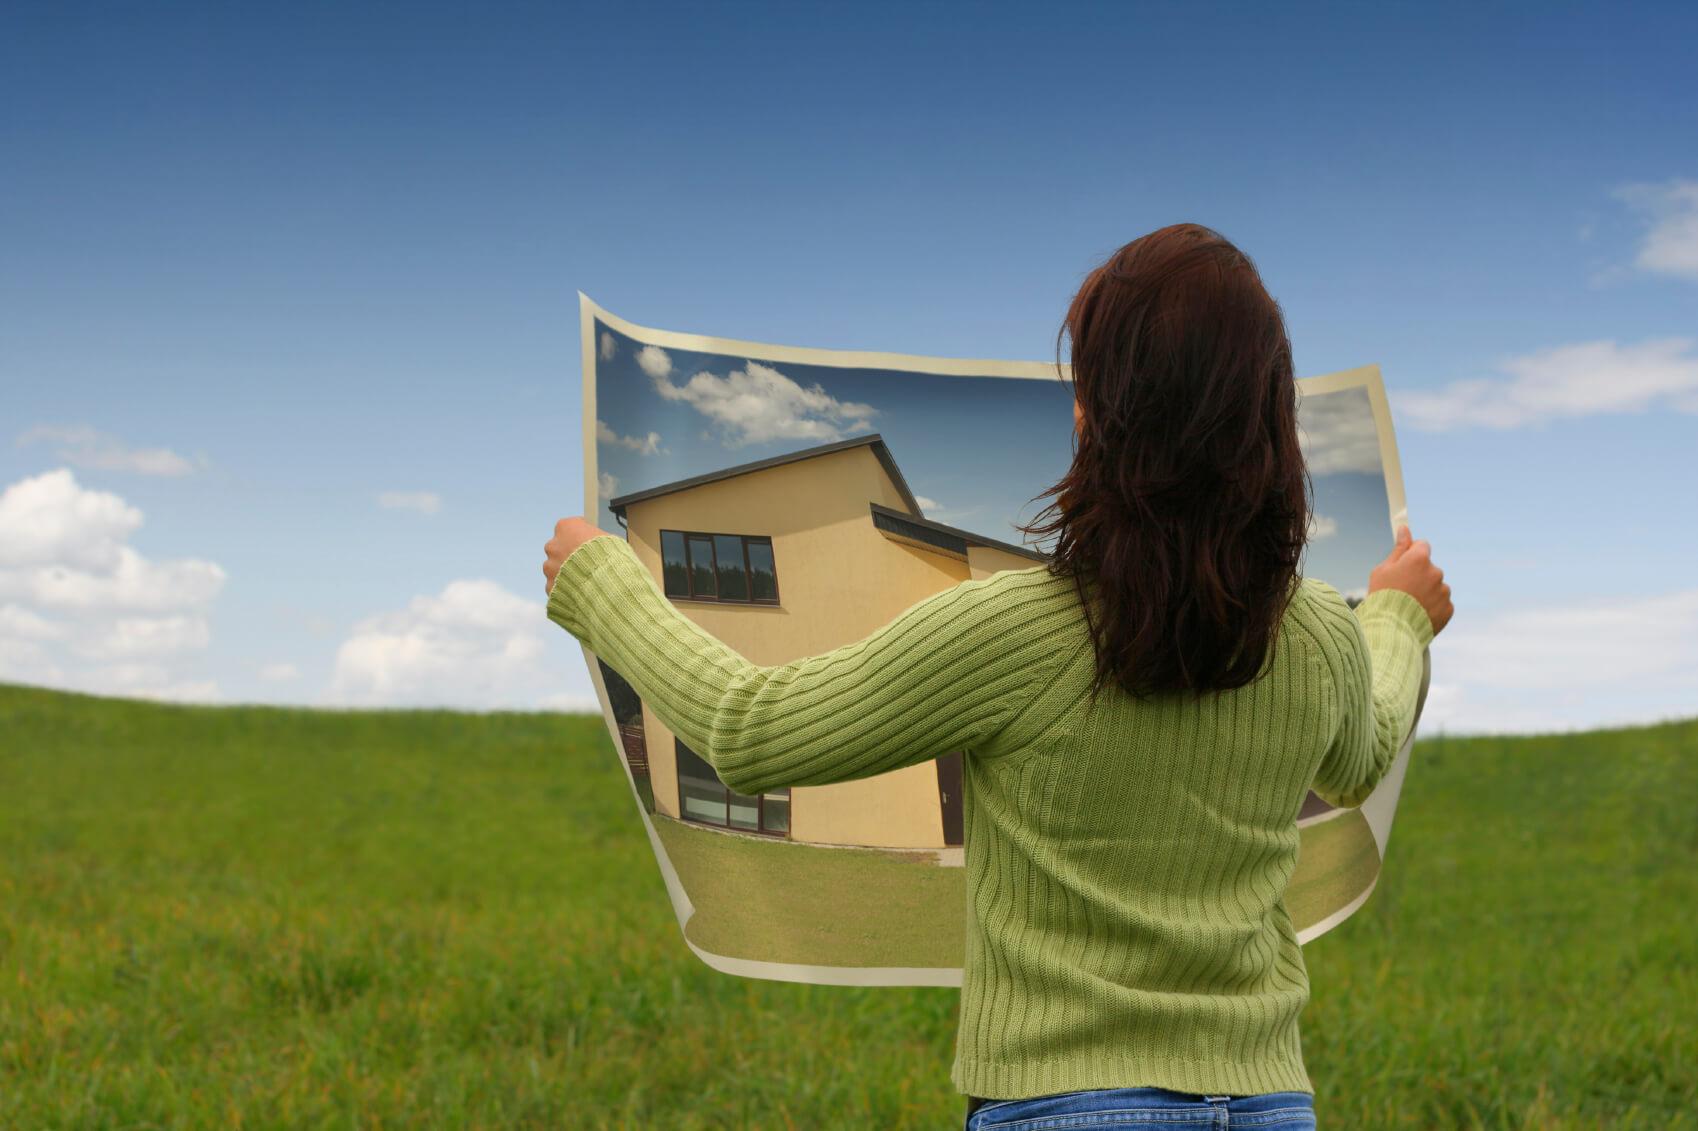 Бесплатное выделение земельных участков: кто может получать землю